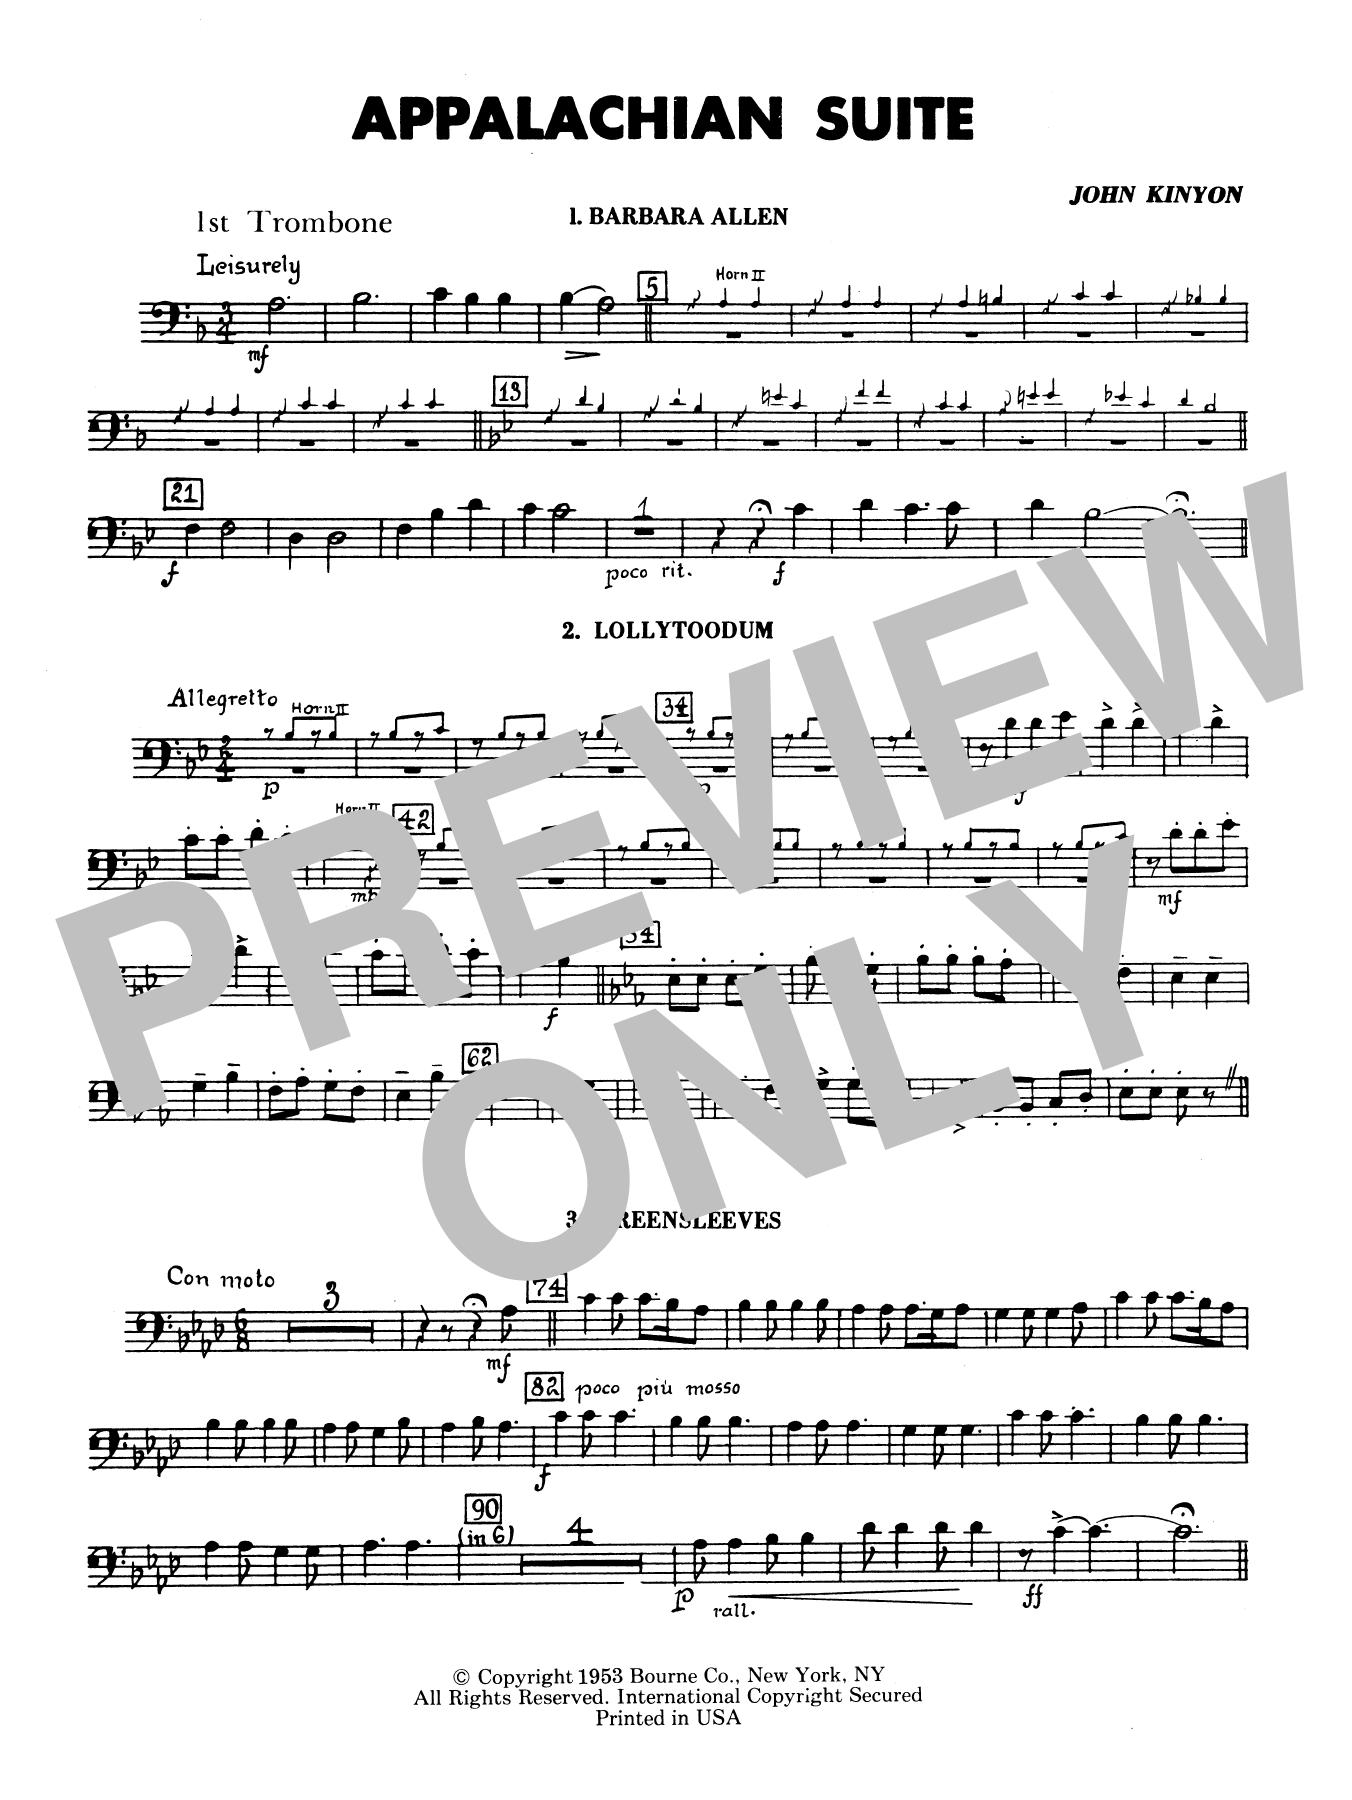 Appalachian Suite - 1st Trombone